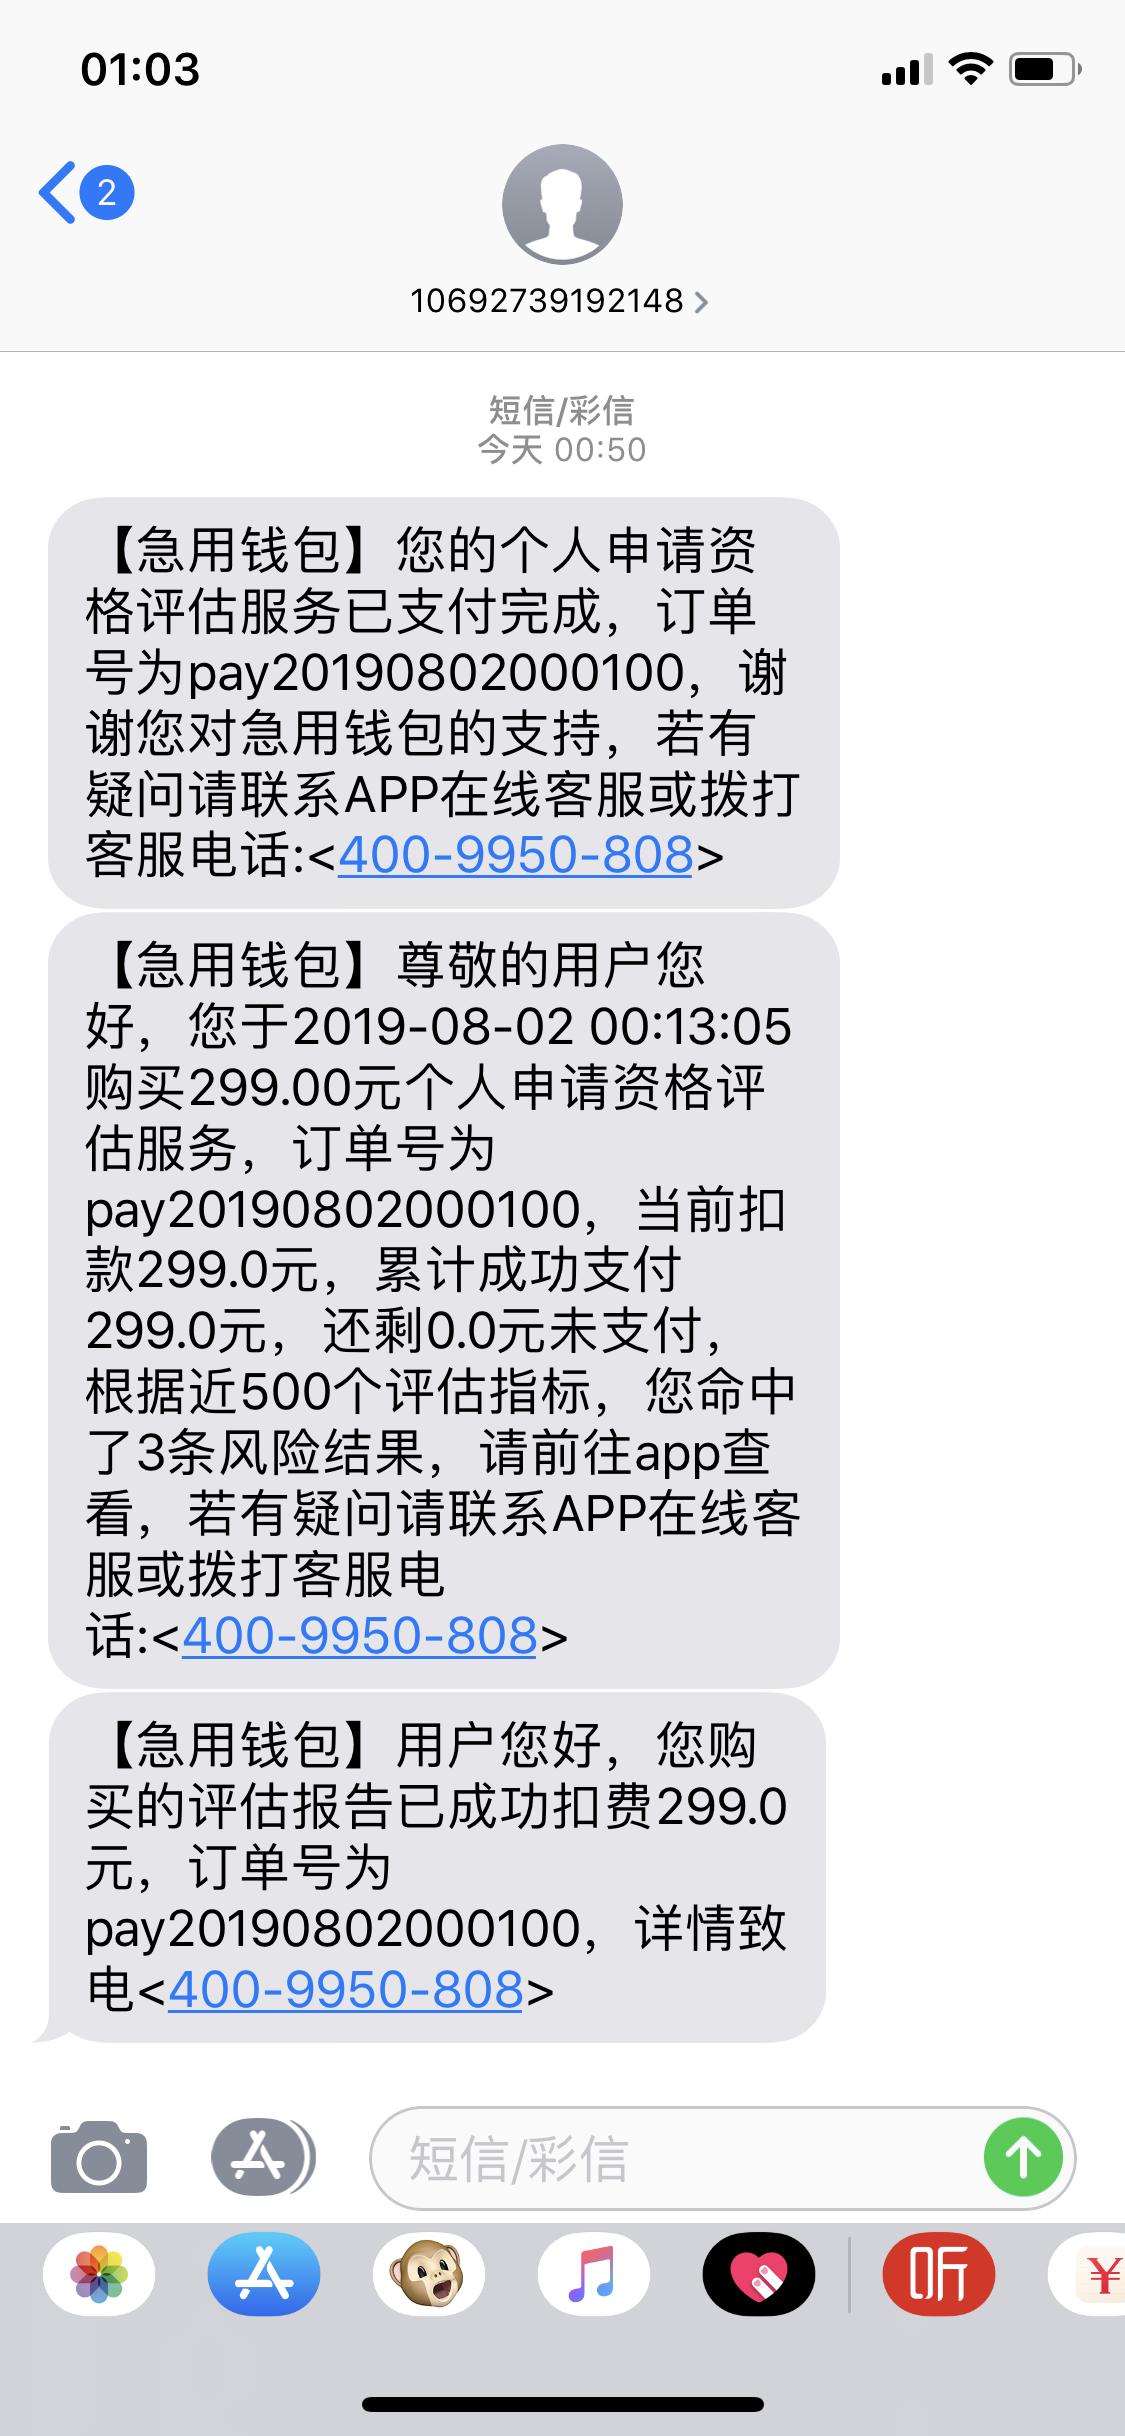 上海造艺网络有限公司欺诈消费者